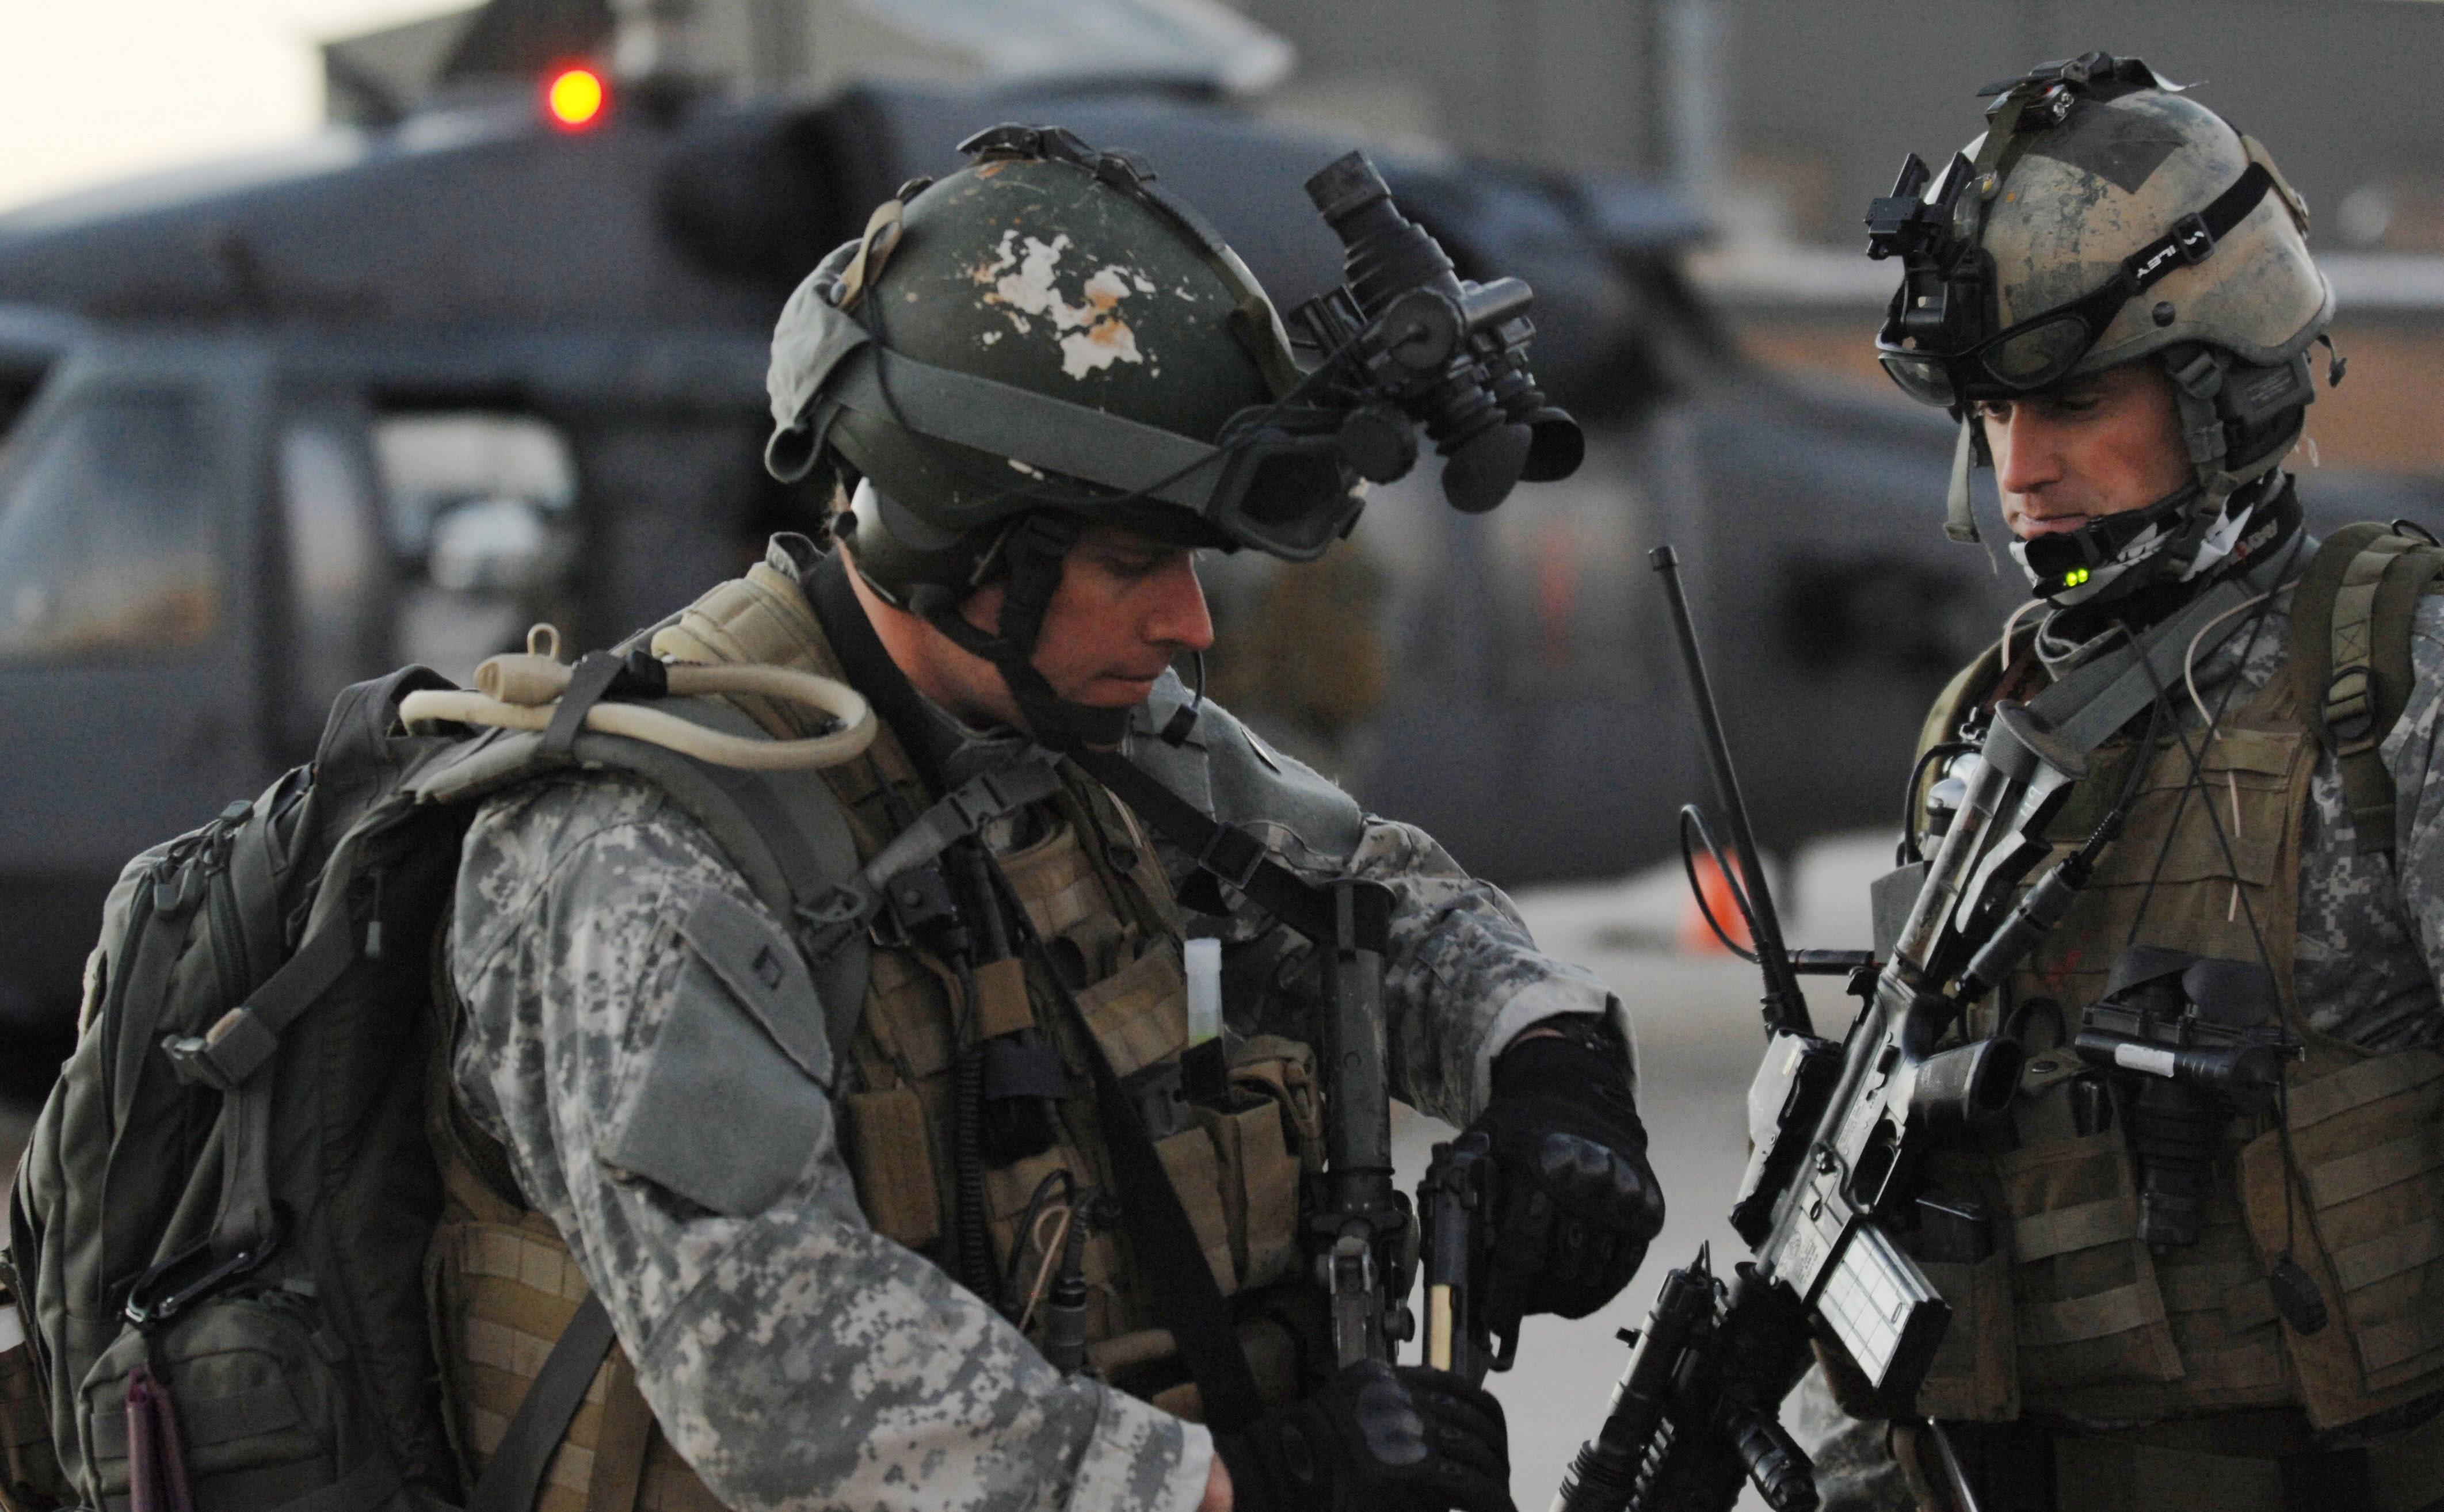 Спецназ америки фото